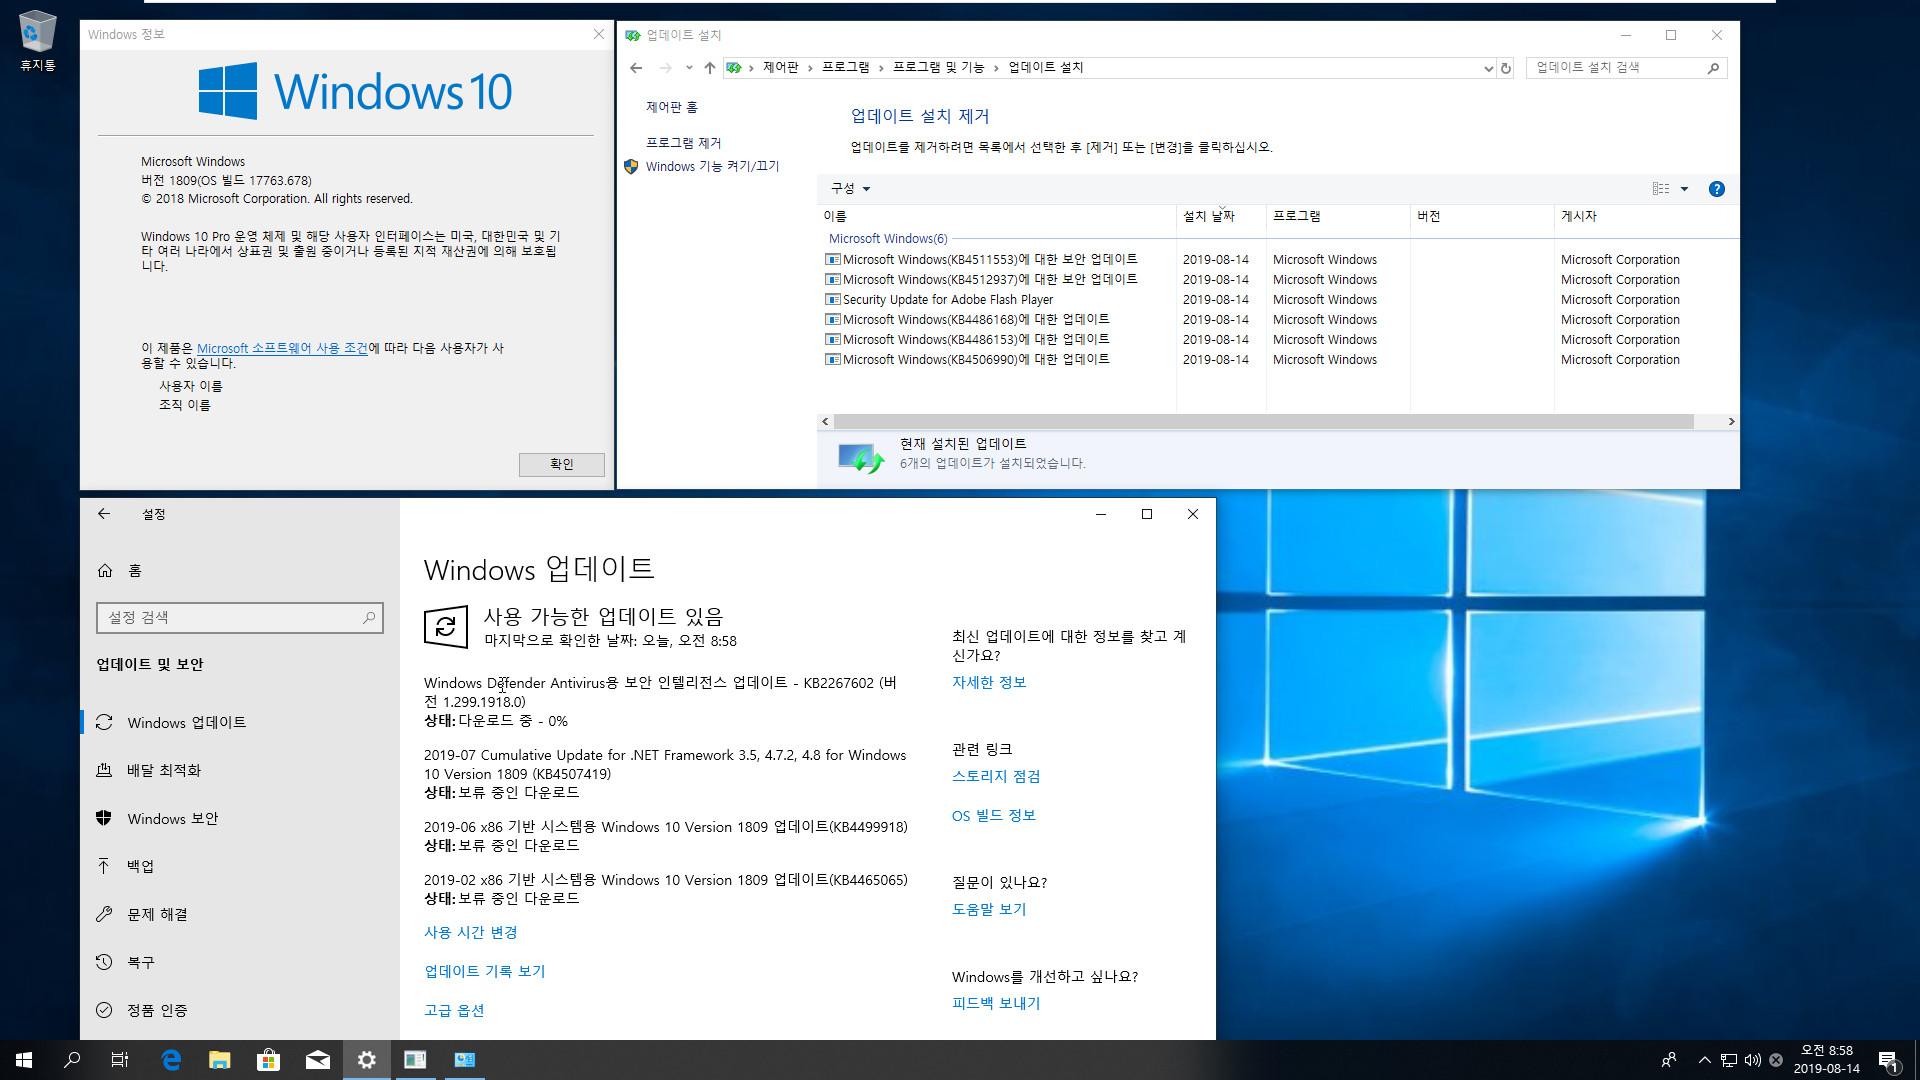 2019-08-14 정기 업데이트 나왔네요 - Windows 10 버전 1809 누적 업데이트 KB4511553 (OS 빌드 17763.678) [2019-08-13 일자] 통합중 입니다 - 닷넷 4.8 추가로 나오네요 - 32비트만 테스트 통합 - 또 다른 닷넷이 나오네요. 그냥 둘다 통합해야겠습니다 - 통합- 와아 할말이 없군요 - 다른 닷넷 업데이트와 닷넷 4.8 언어팩 통합-1개 추가 2019-08-14_085849.jpg